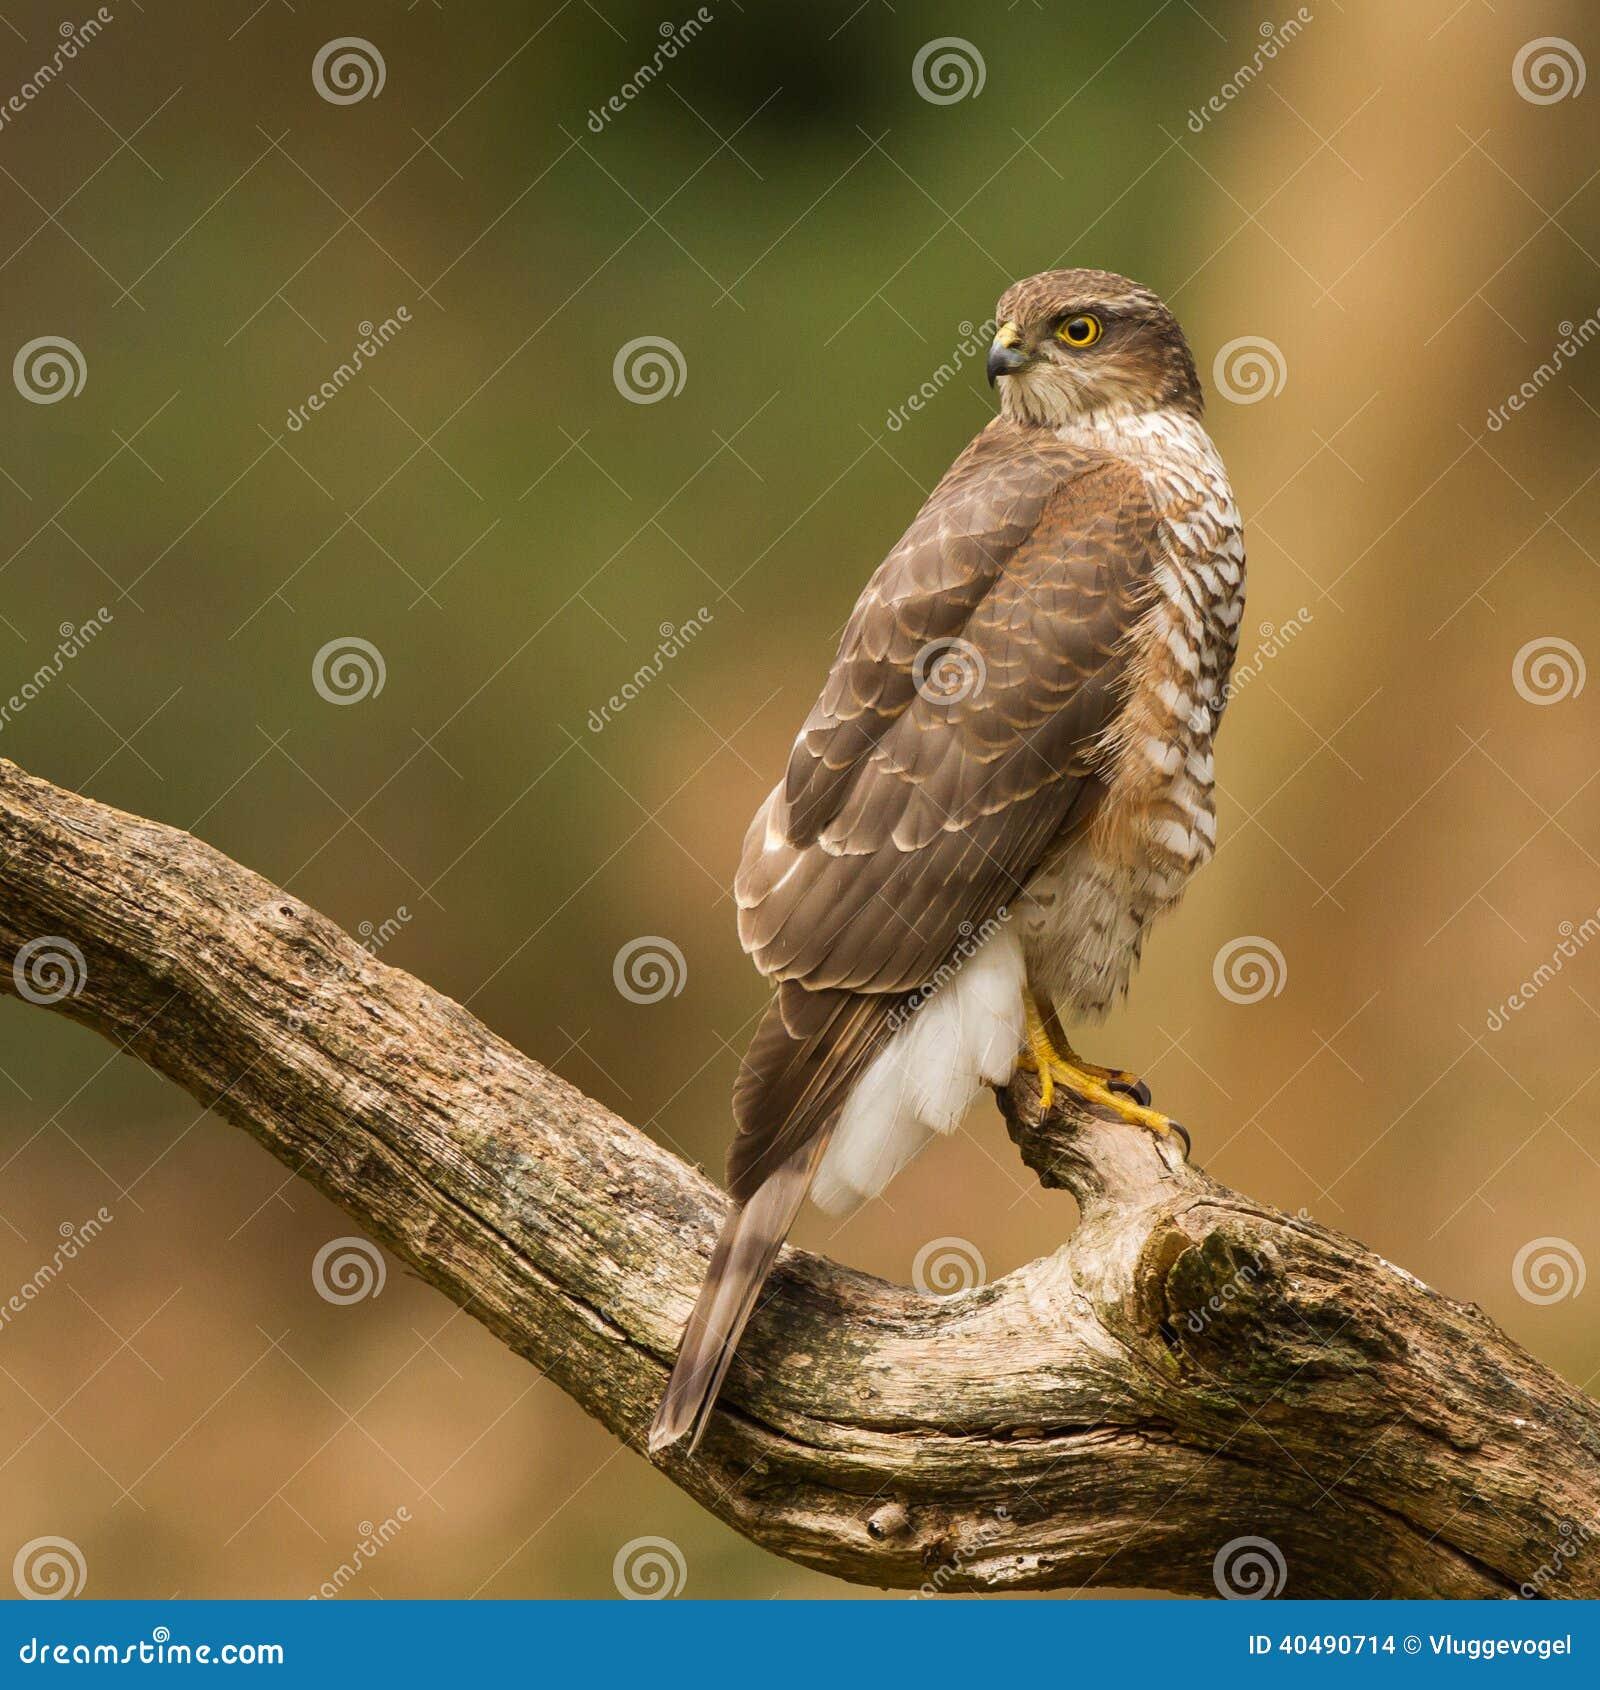 Close-up Eurasian sparrowhawk